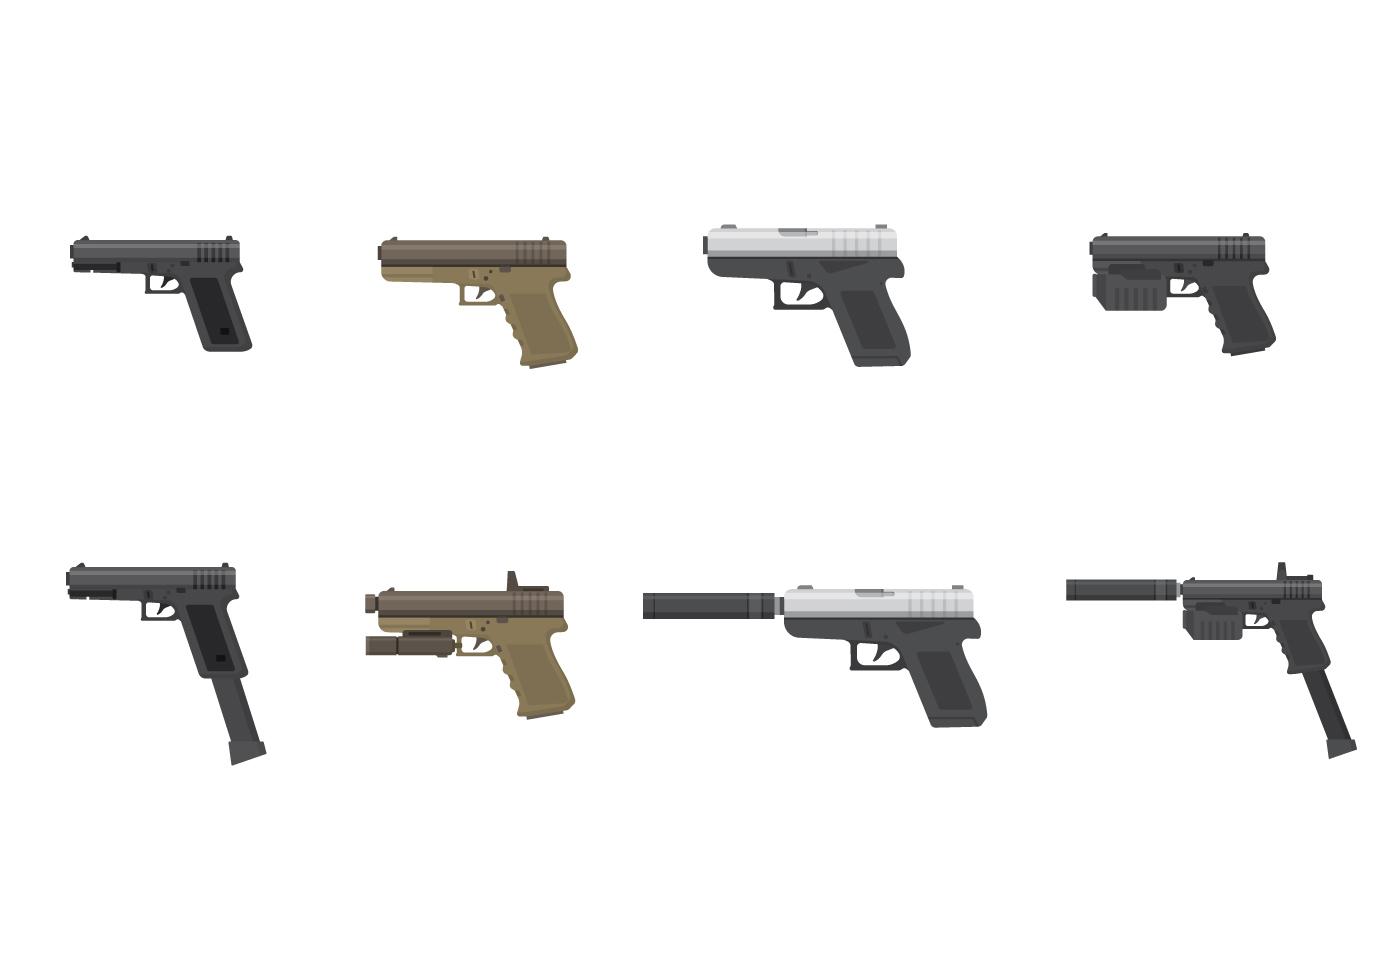 Free Glock Pistol Vector - Download Free Vector Art, Stock ...